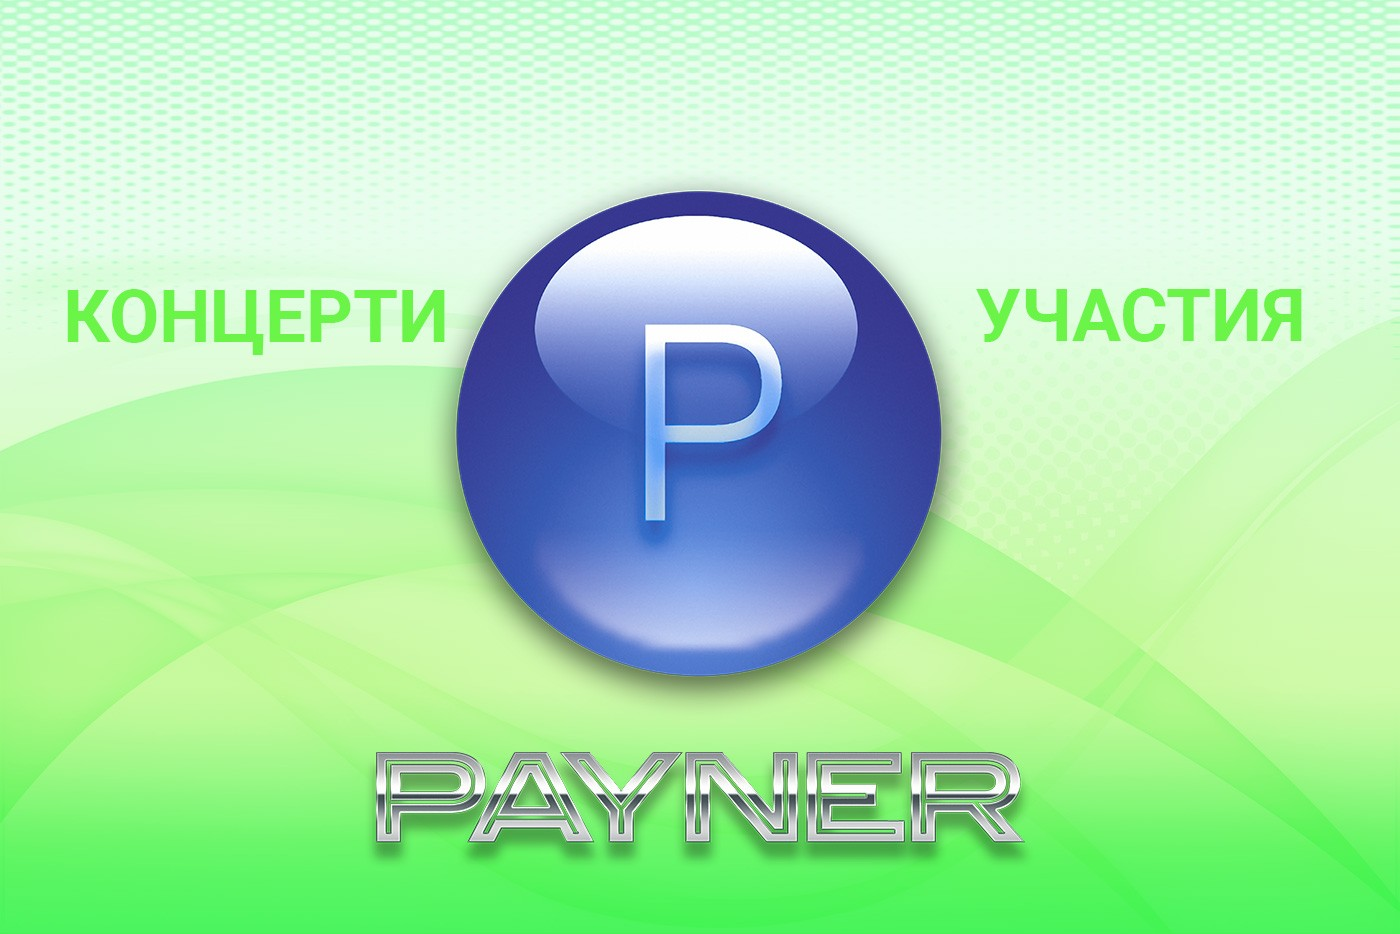 """Участия на звездите на """"Пайнер"""" на 18.04.2019"""